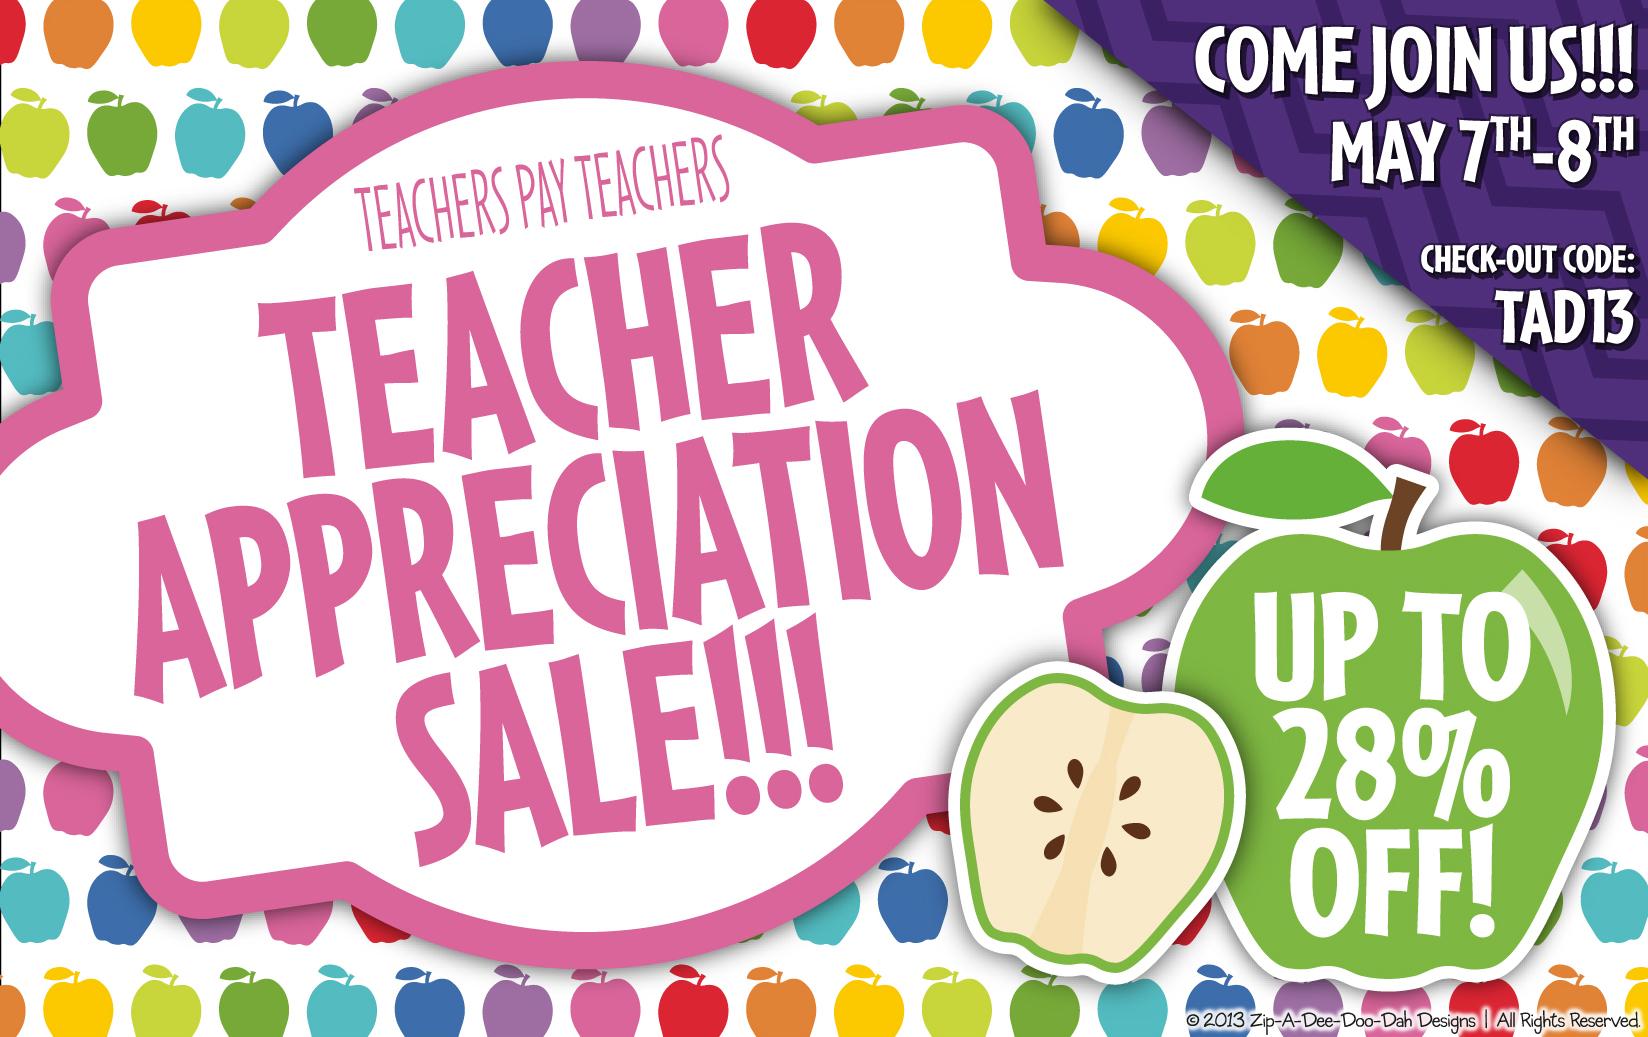 TpT_TeachersApSale_2013_Large